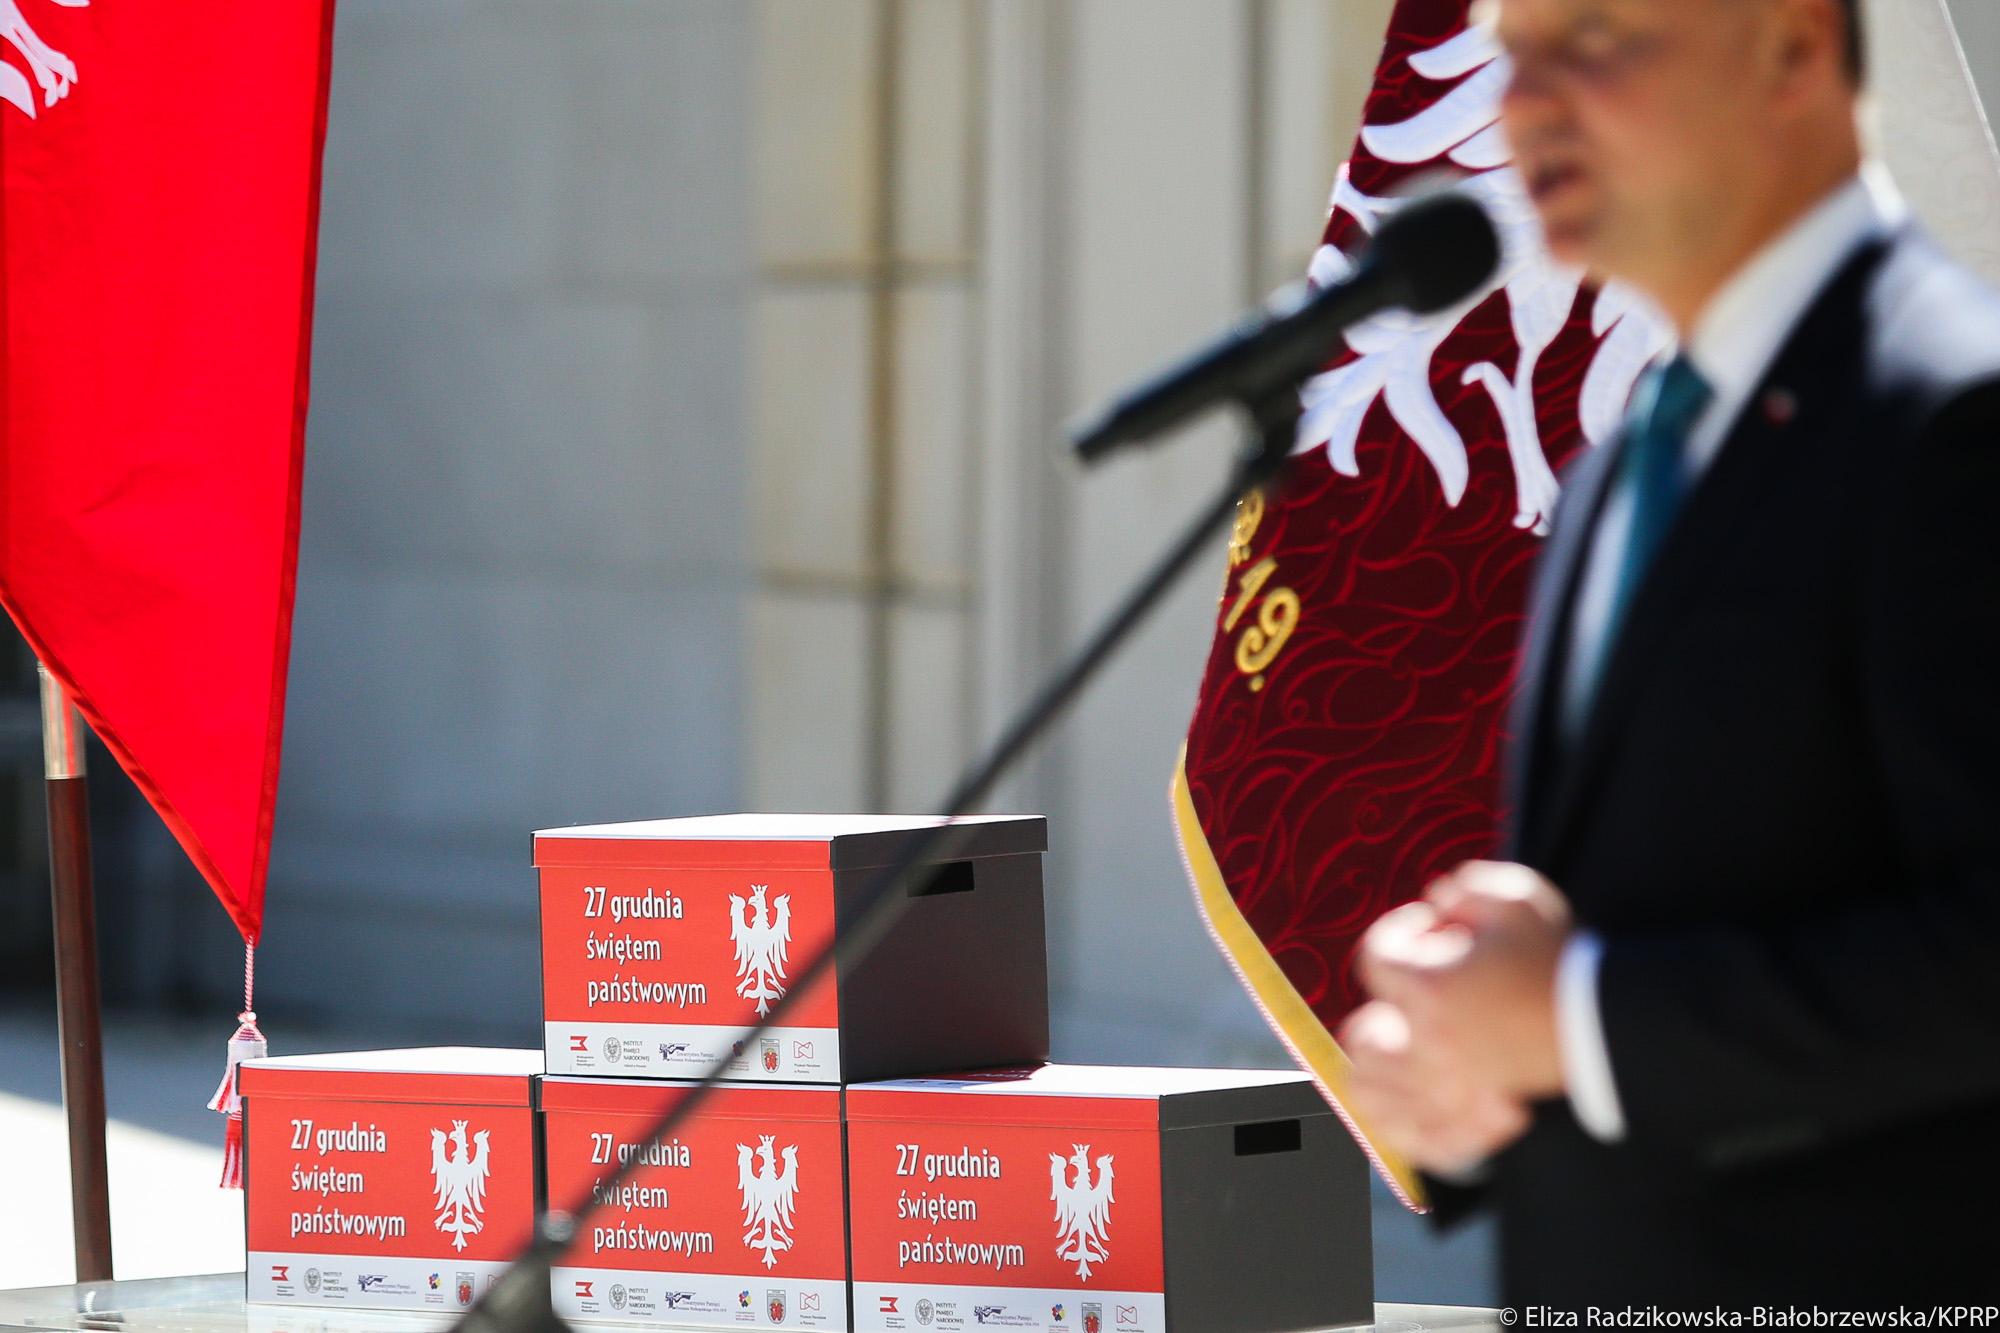 27 grudnia świętem państwowym prezydent - Eliza Radzikowska-Białobrzewska - KPRP